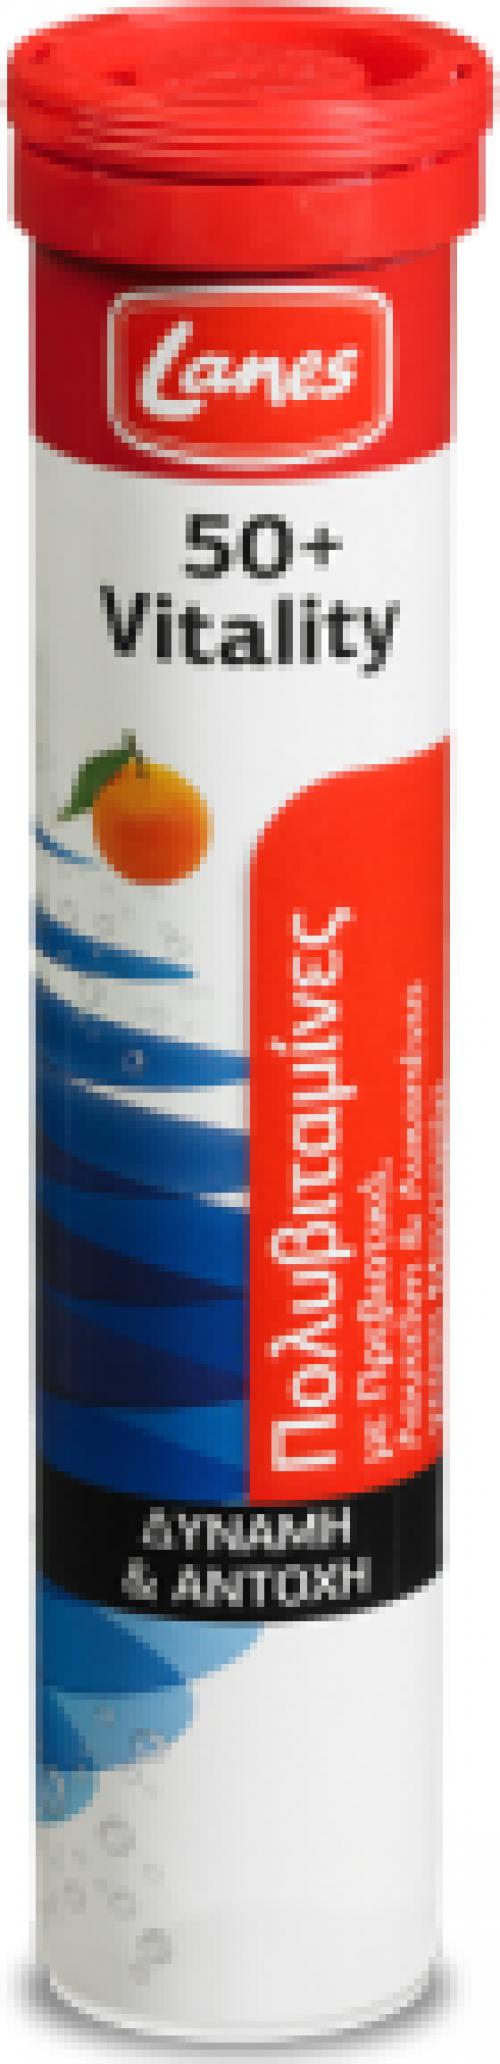 Πολυβιταμίνες 50+ Vitality 20 αναβράζοντα δισκία